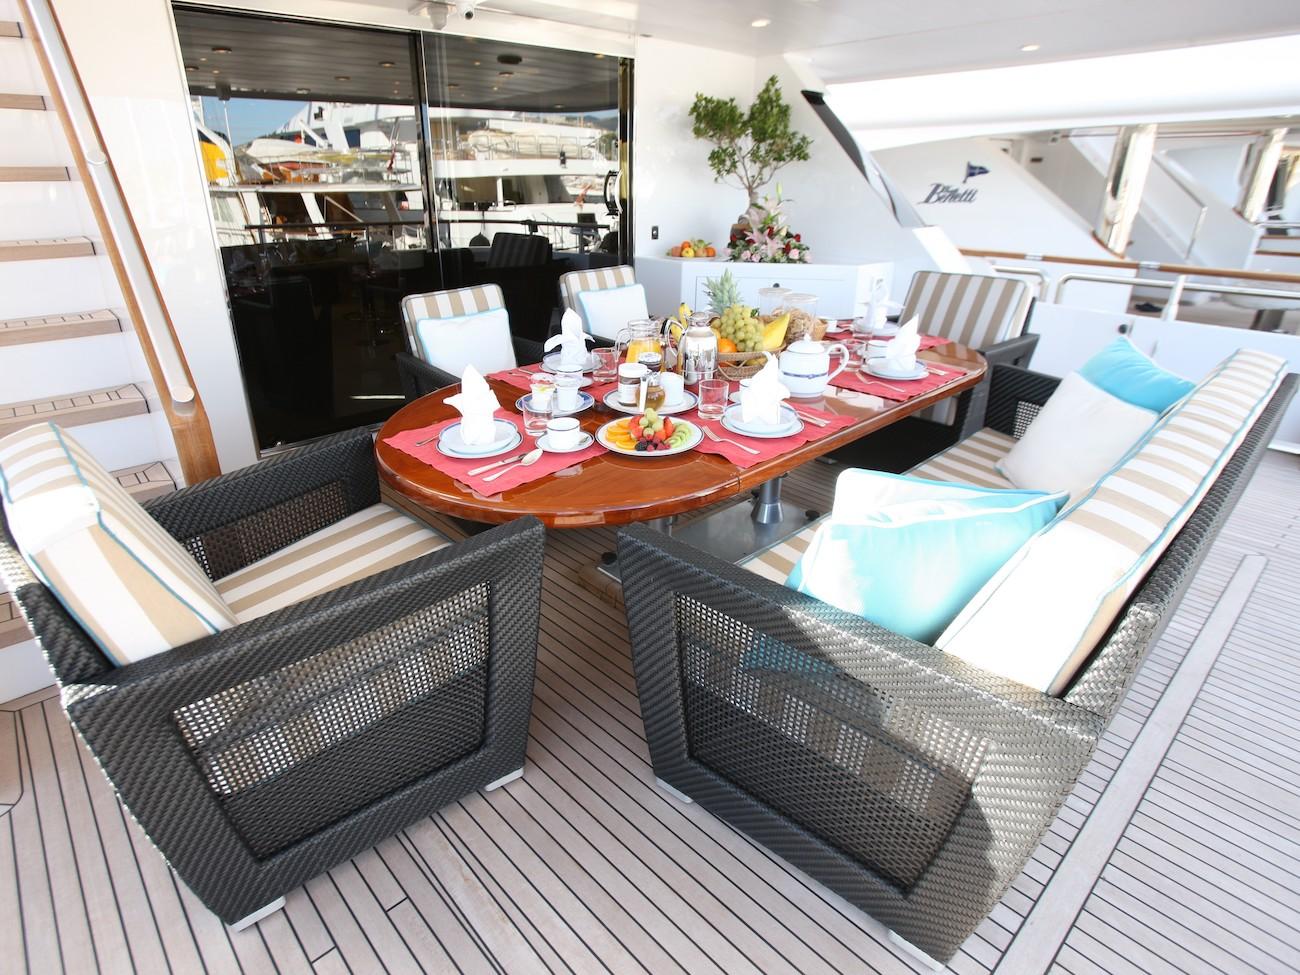 Aft deck alfresco dining area